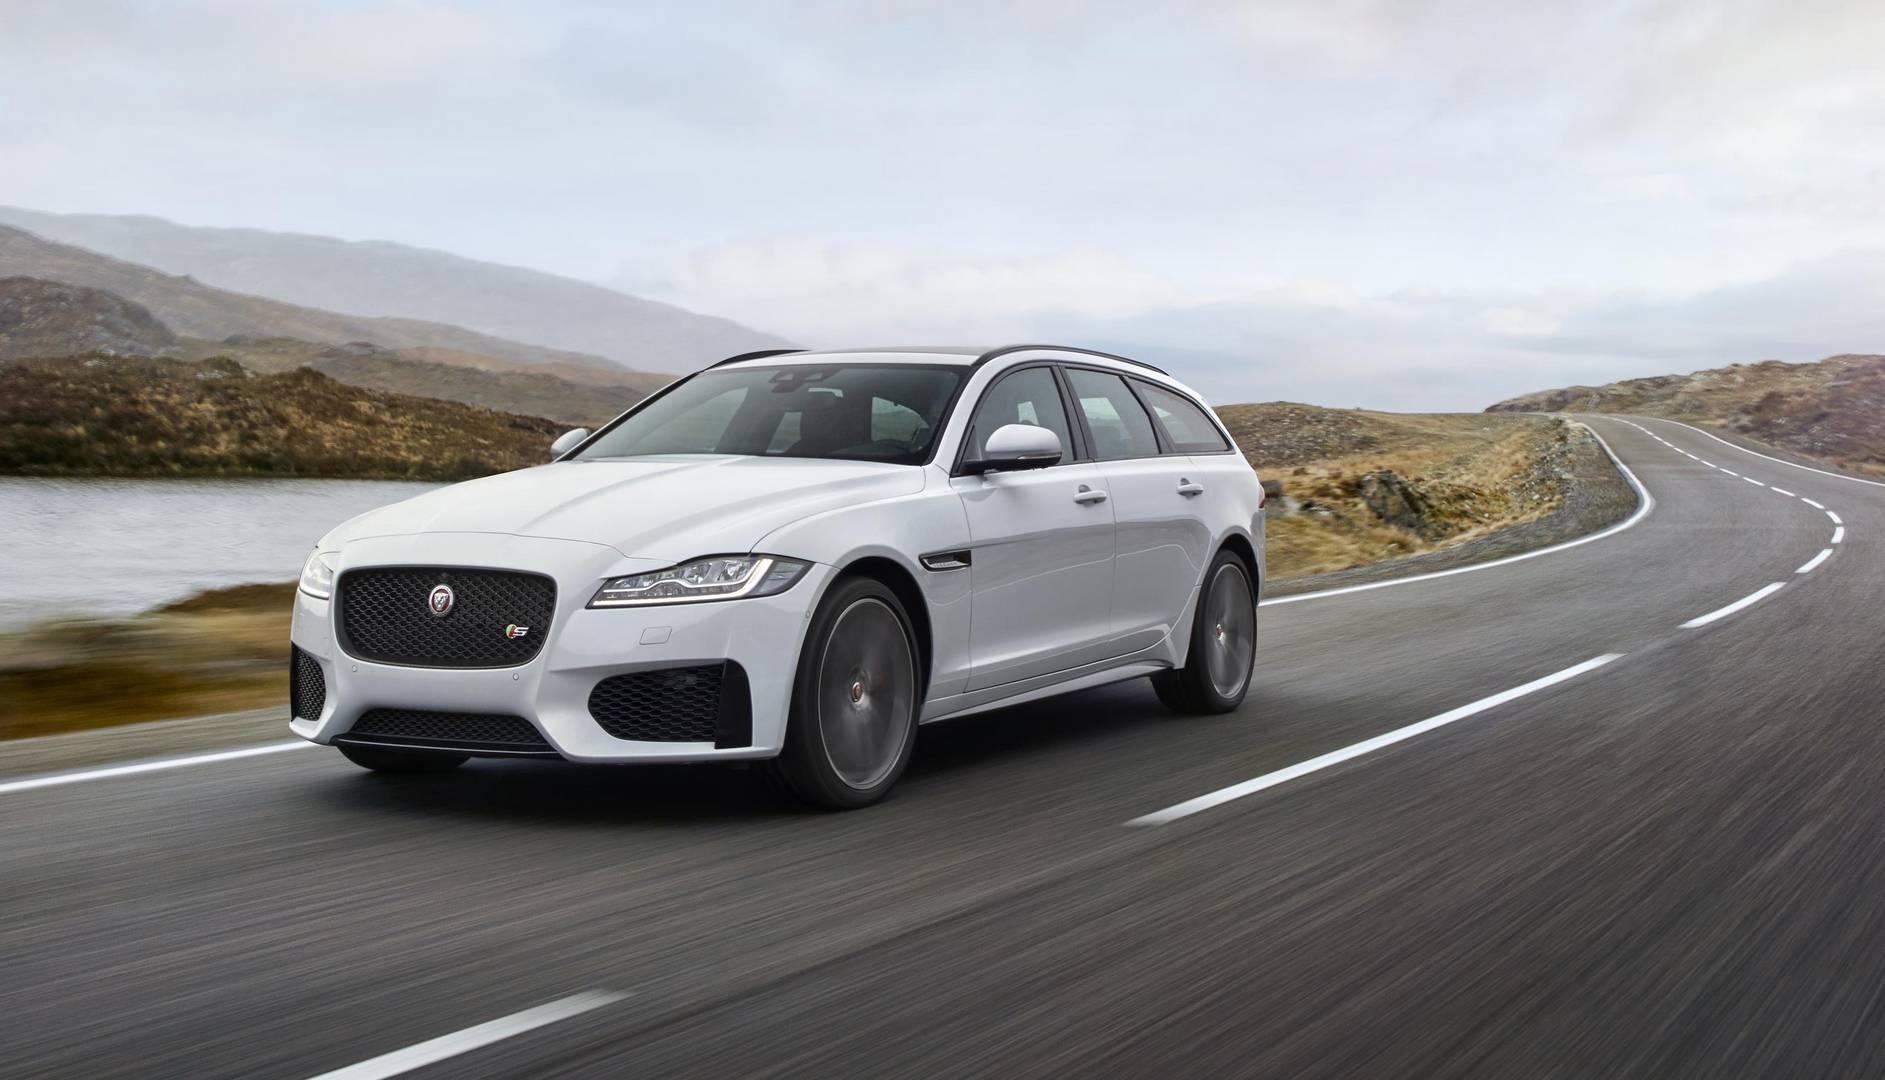 Цены на Jaguar XF Sportbrake в Великобритании начинаются от £34910.